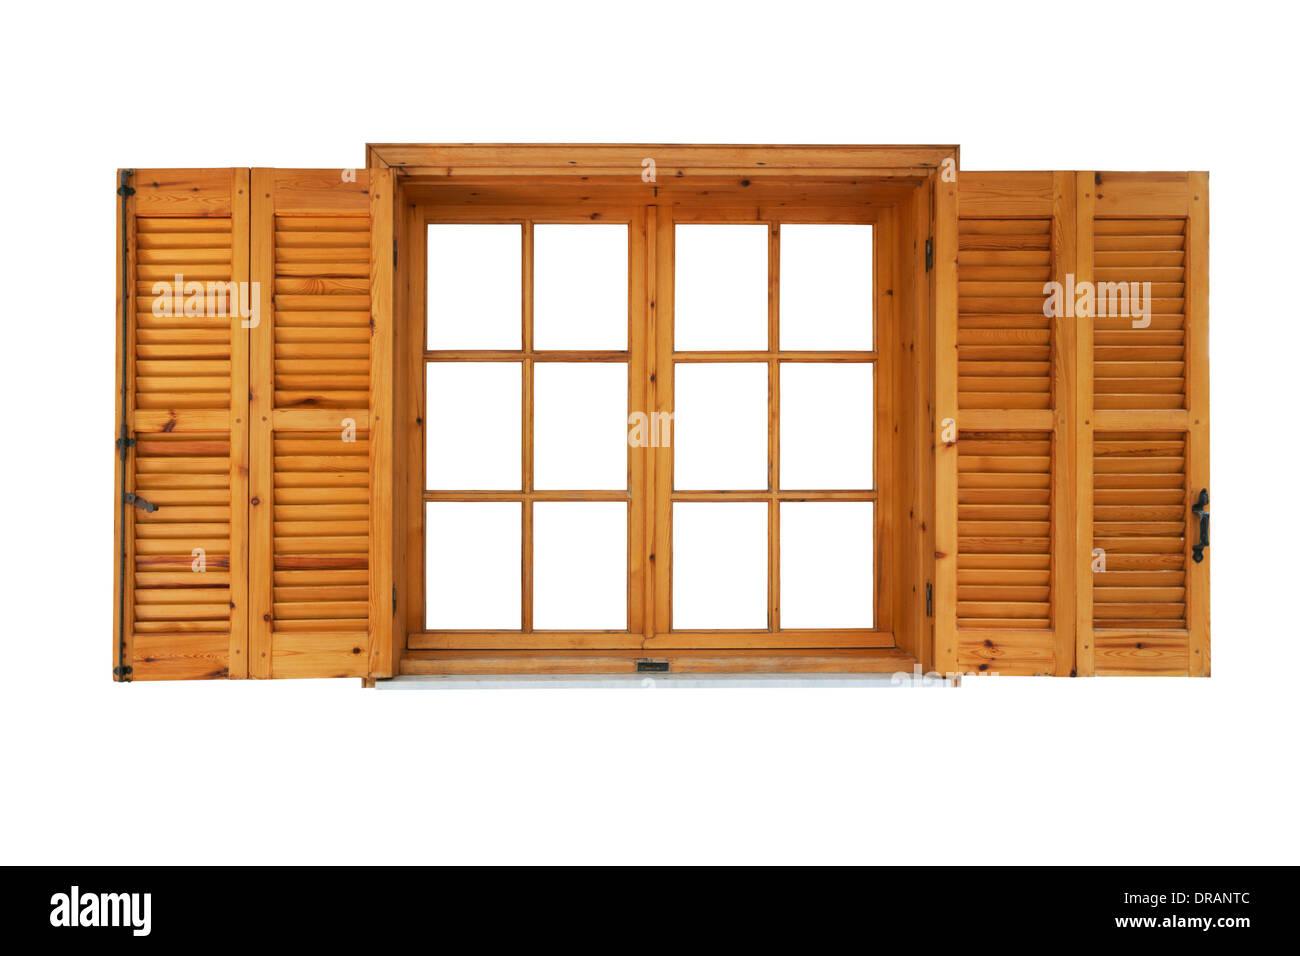 Holzfenster mit Fensterläden geöffnet Außenseite isoliert auf weißem Hintergrund Stockbild